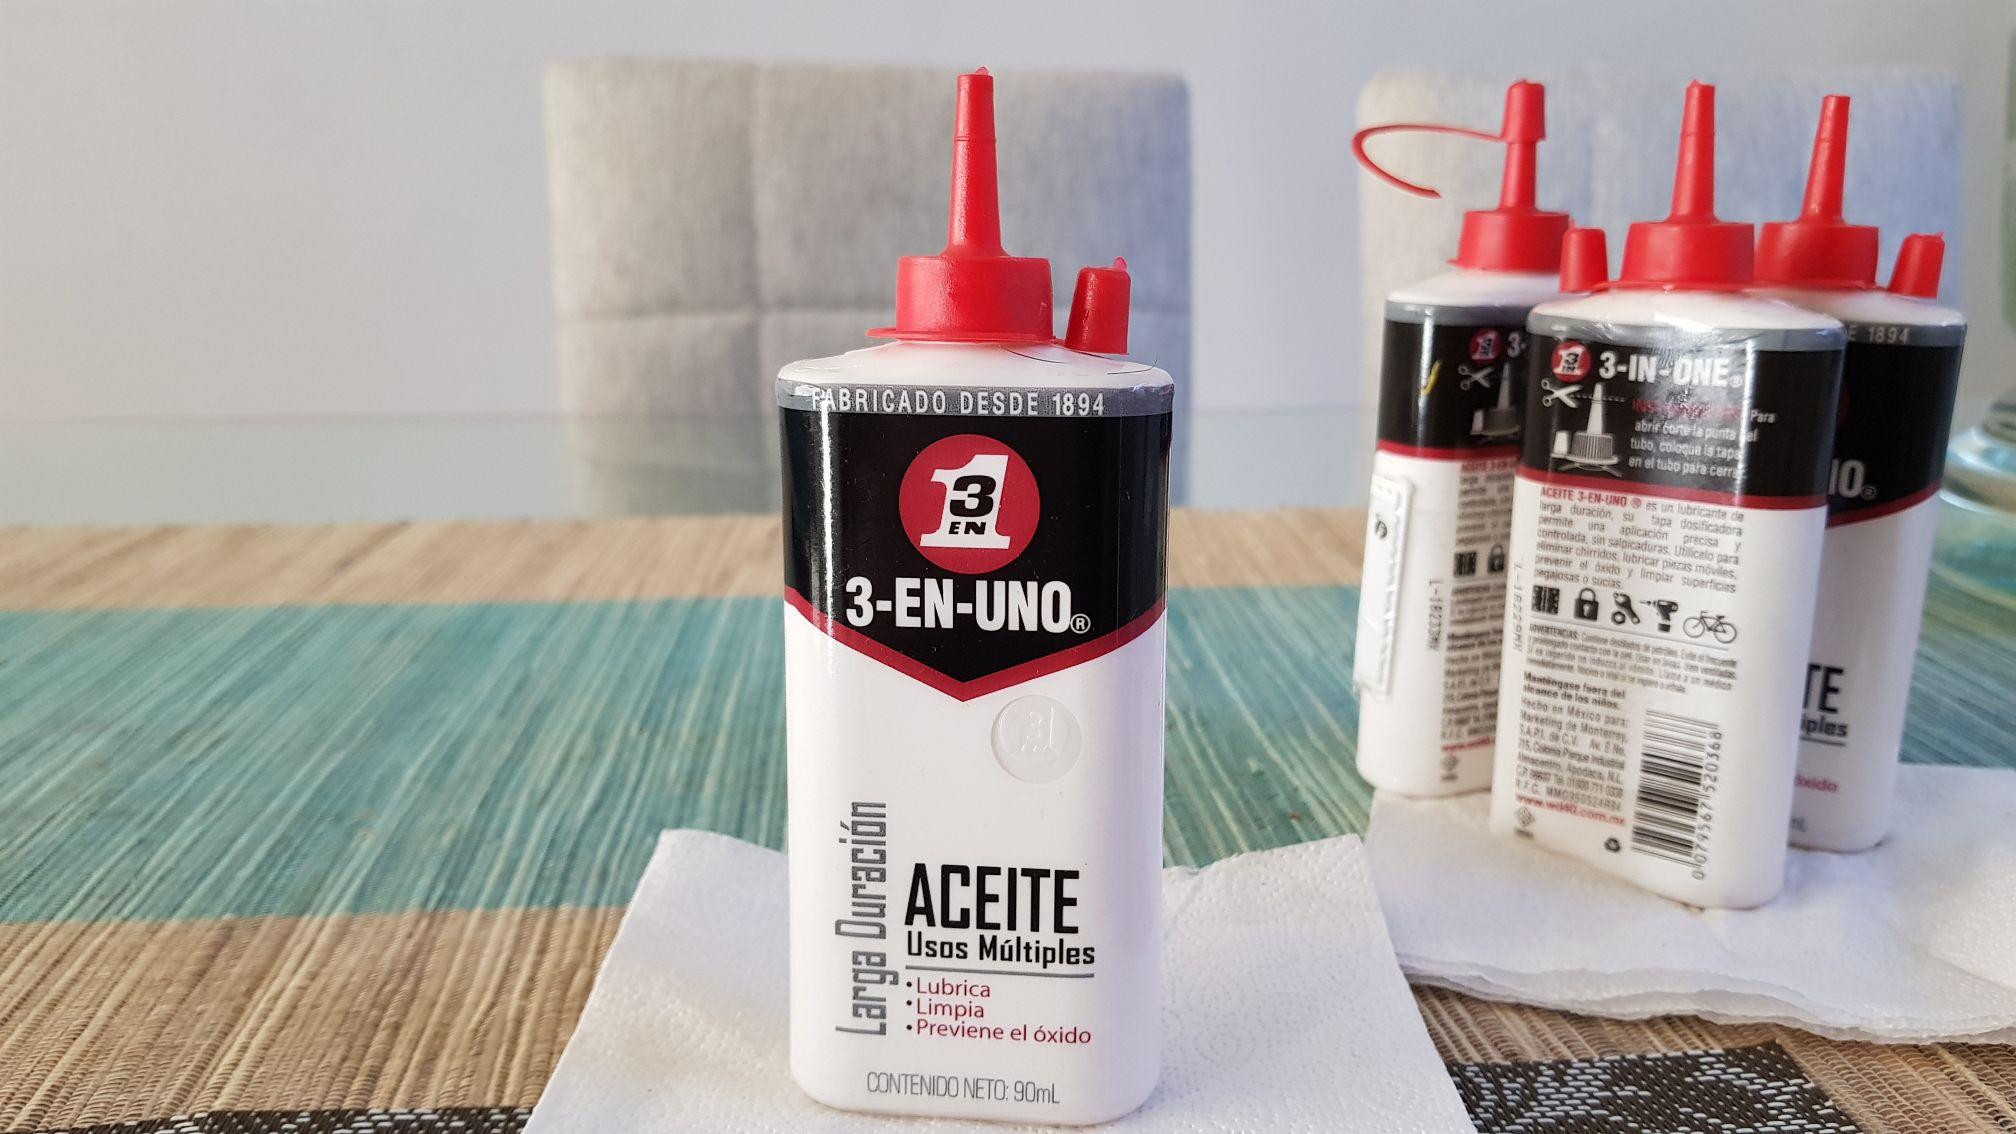 Bodega Aurrerá:  De $29.00 a 4.02 Aceite 3 en 1, 90ml